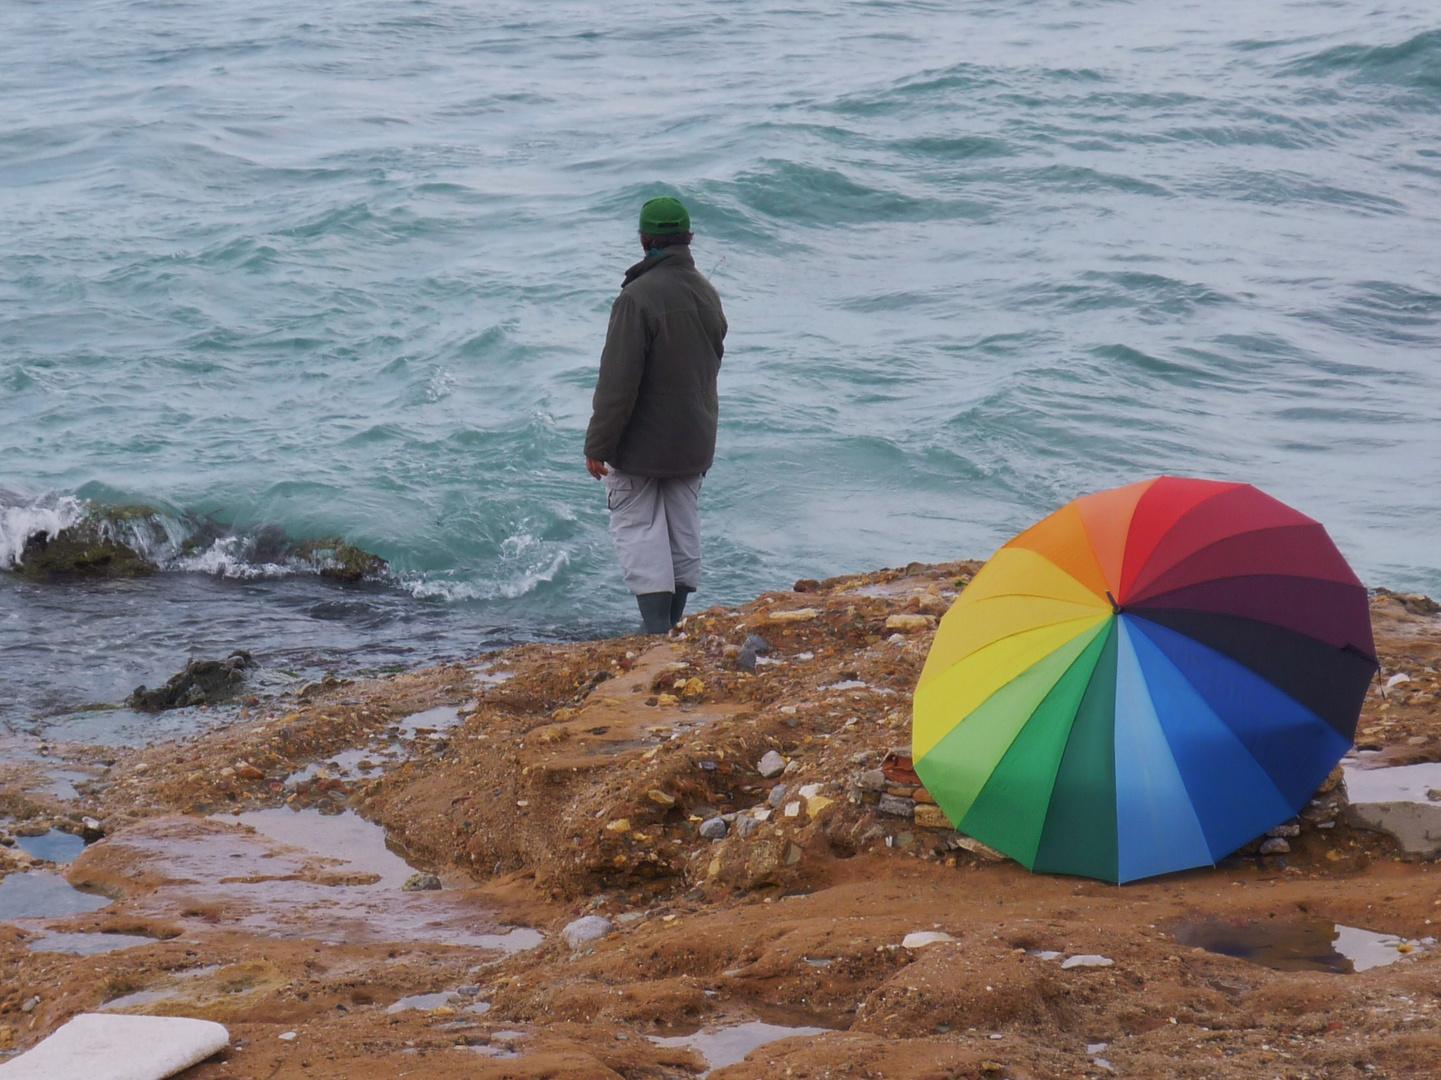 Une parasol pour le soleil sous un ciel gris